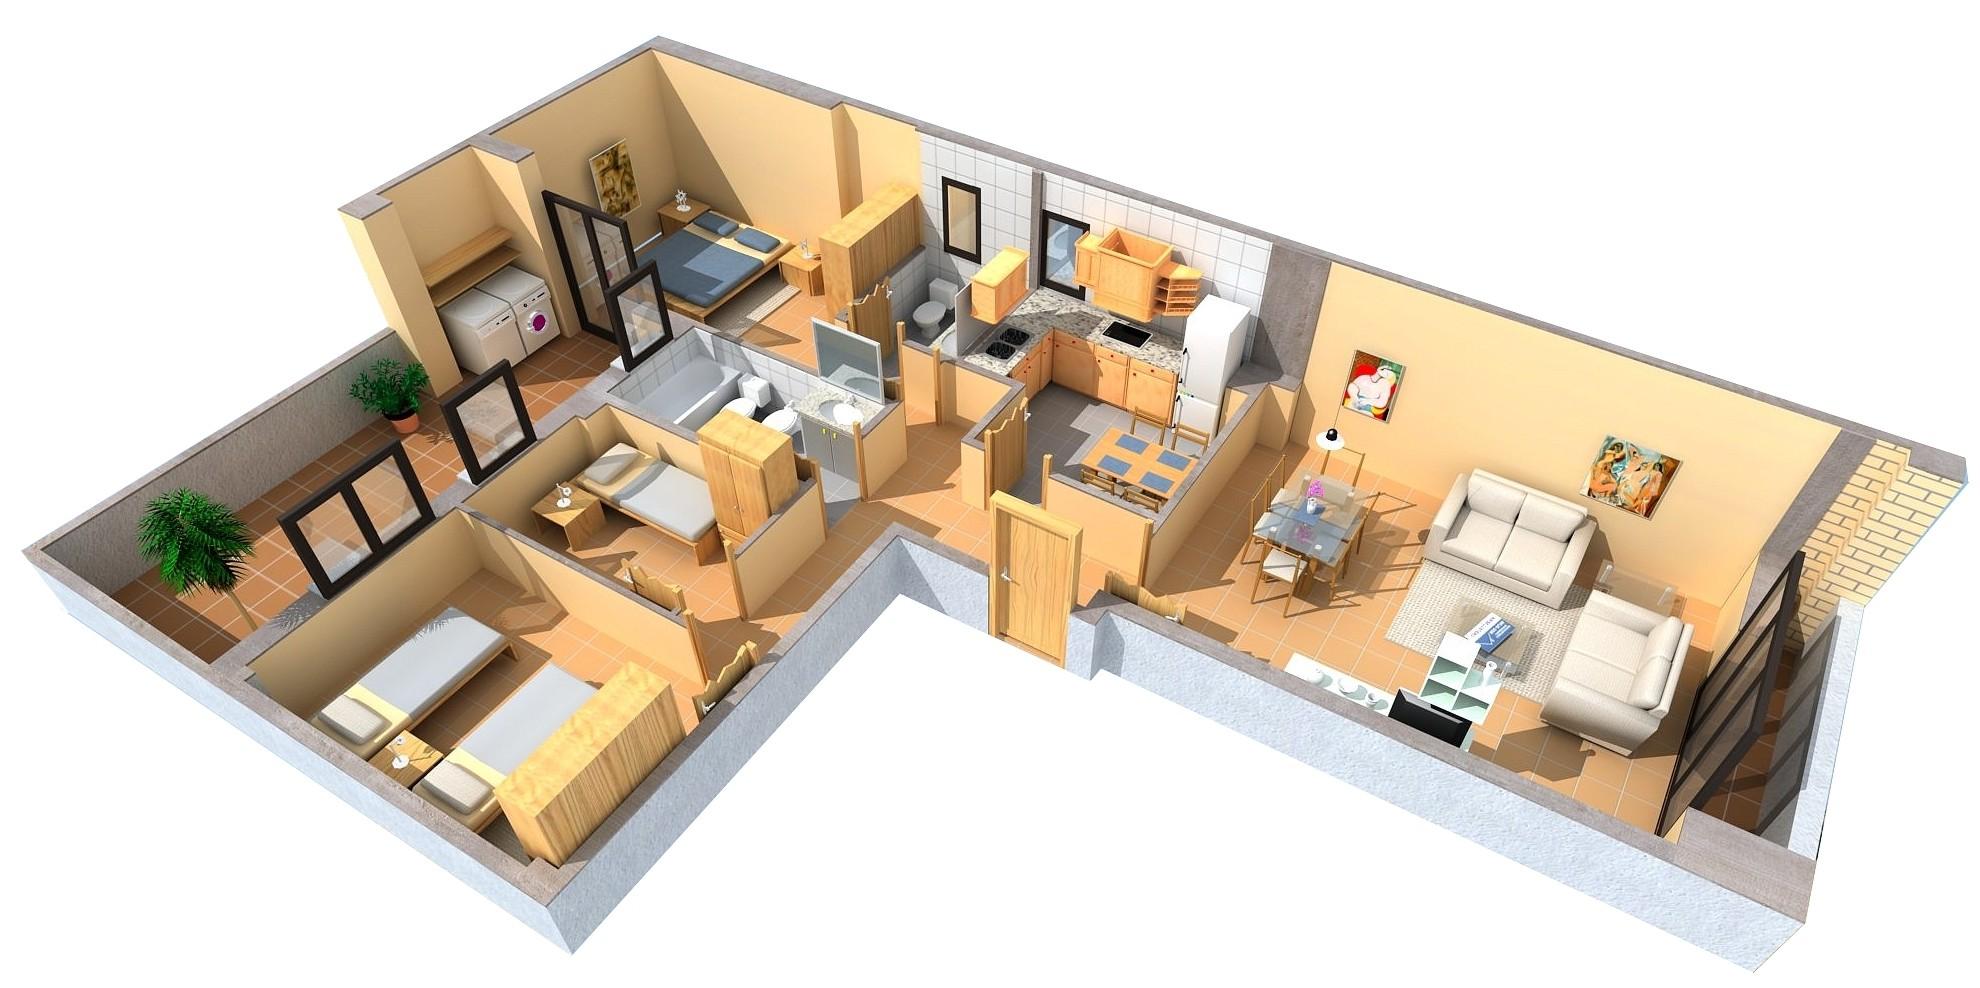 Sobre planos 3d for Crear planos de casas 3d